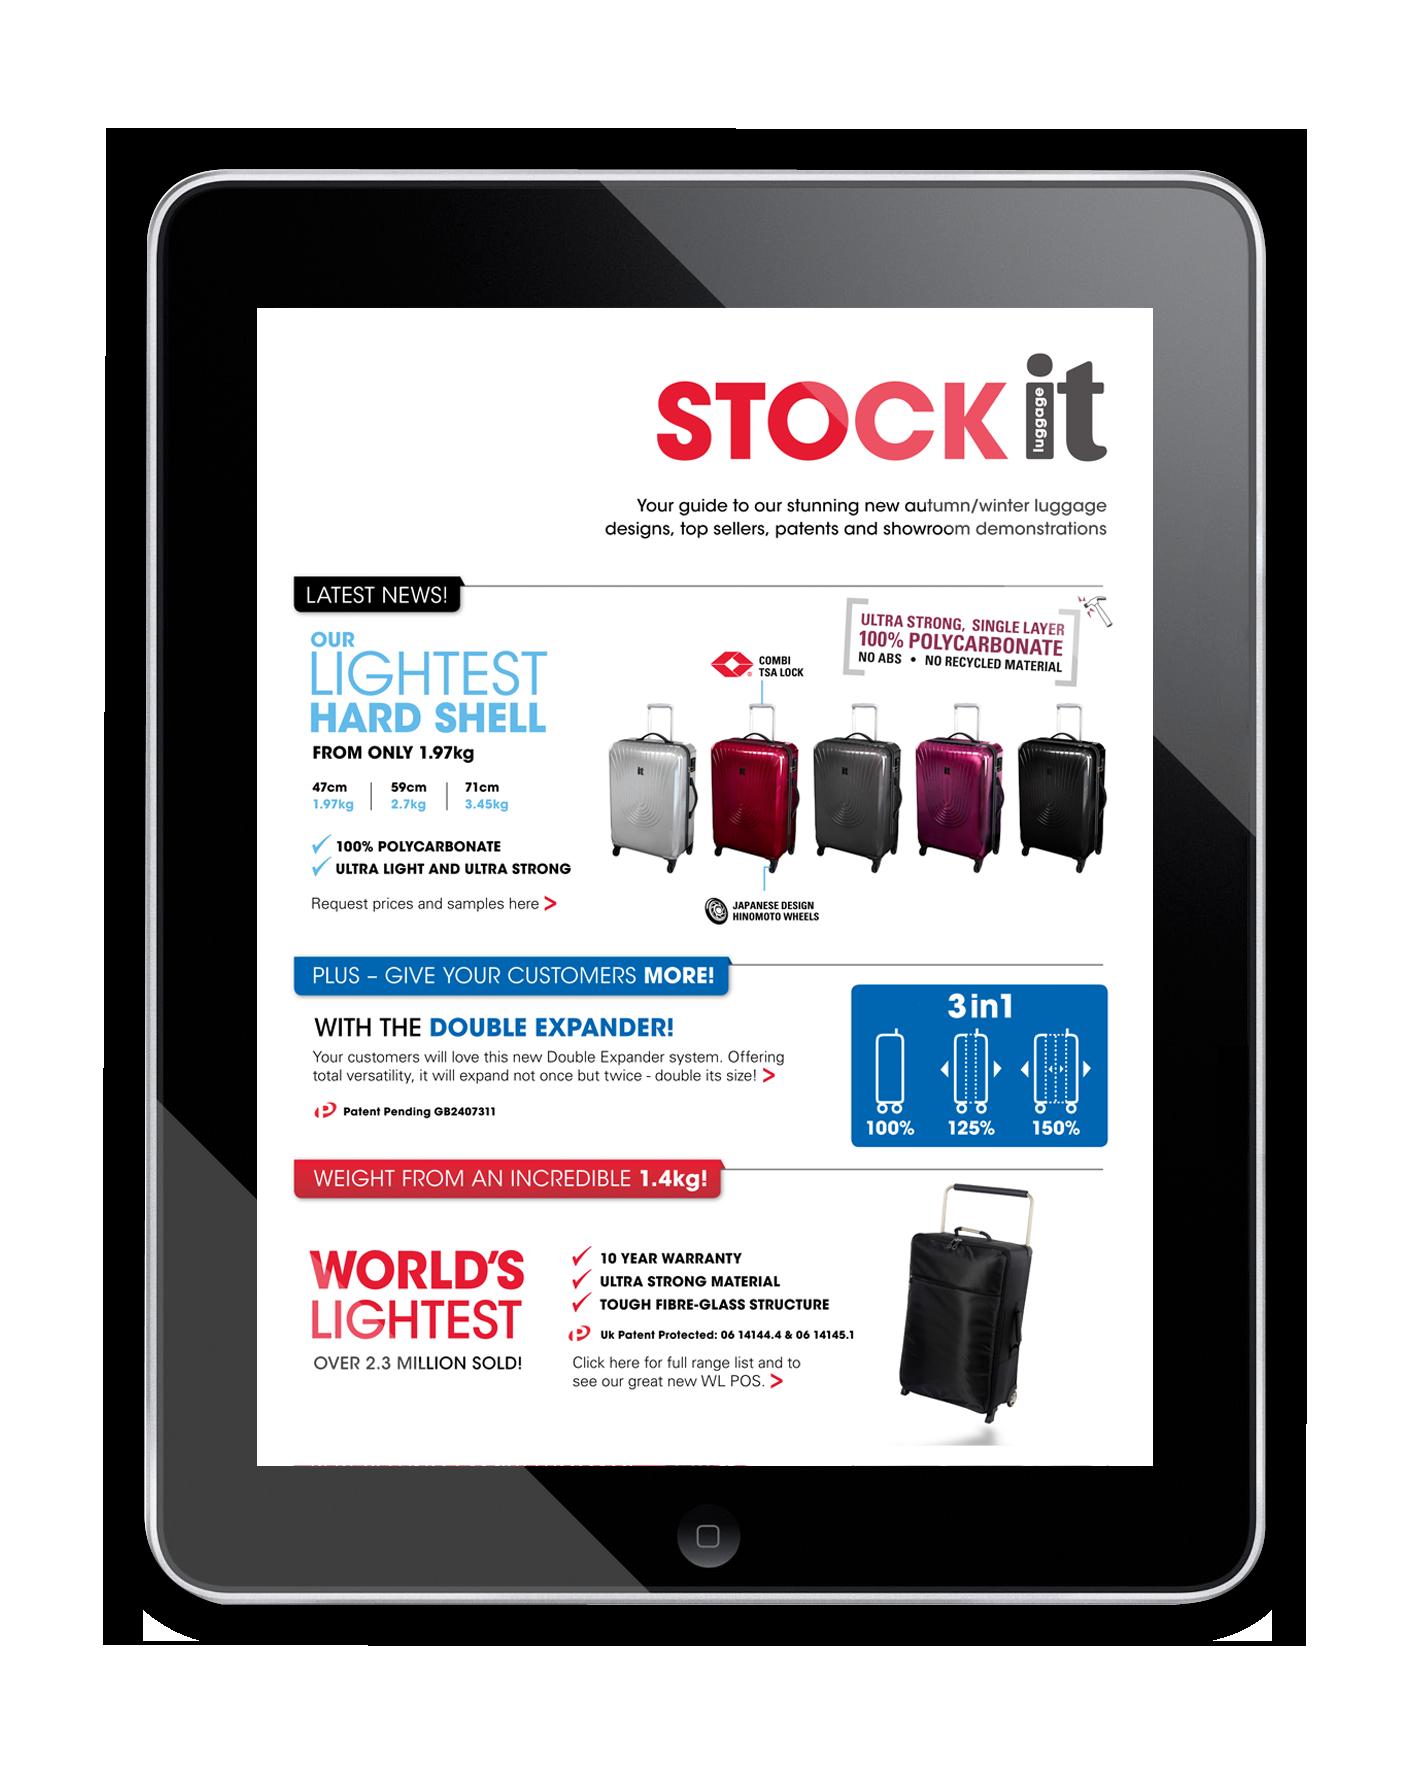 ipad-mockup_IT_0001_stock-it